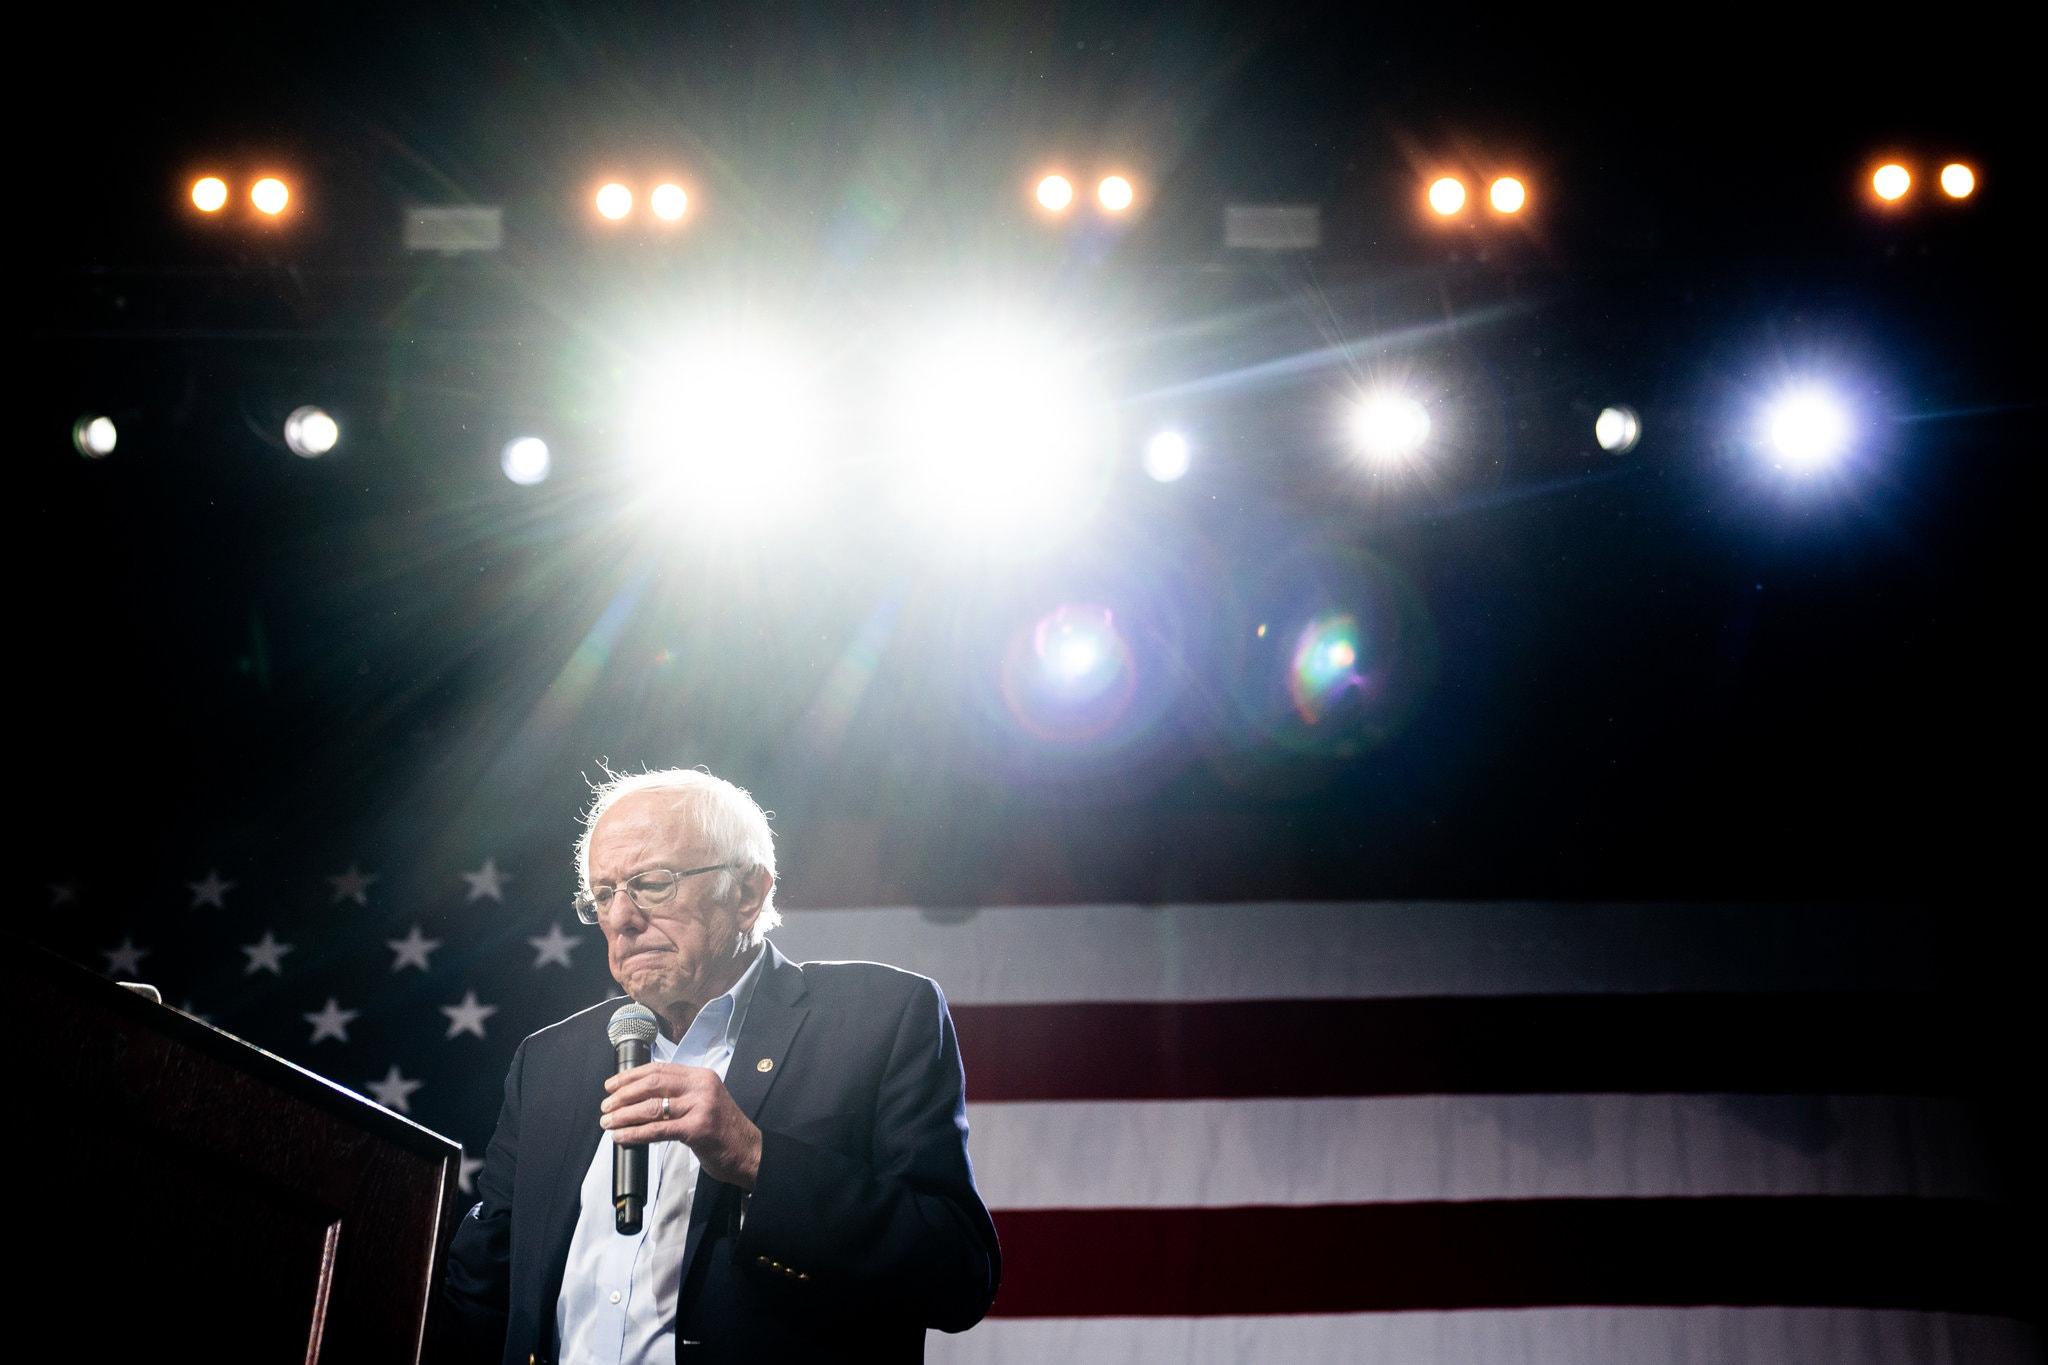 桑德斯退出美国总统大选?为副总统拜登获得民主党提名扫清了道路